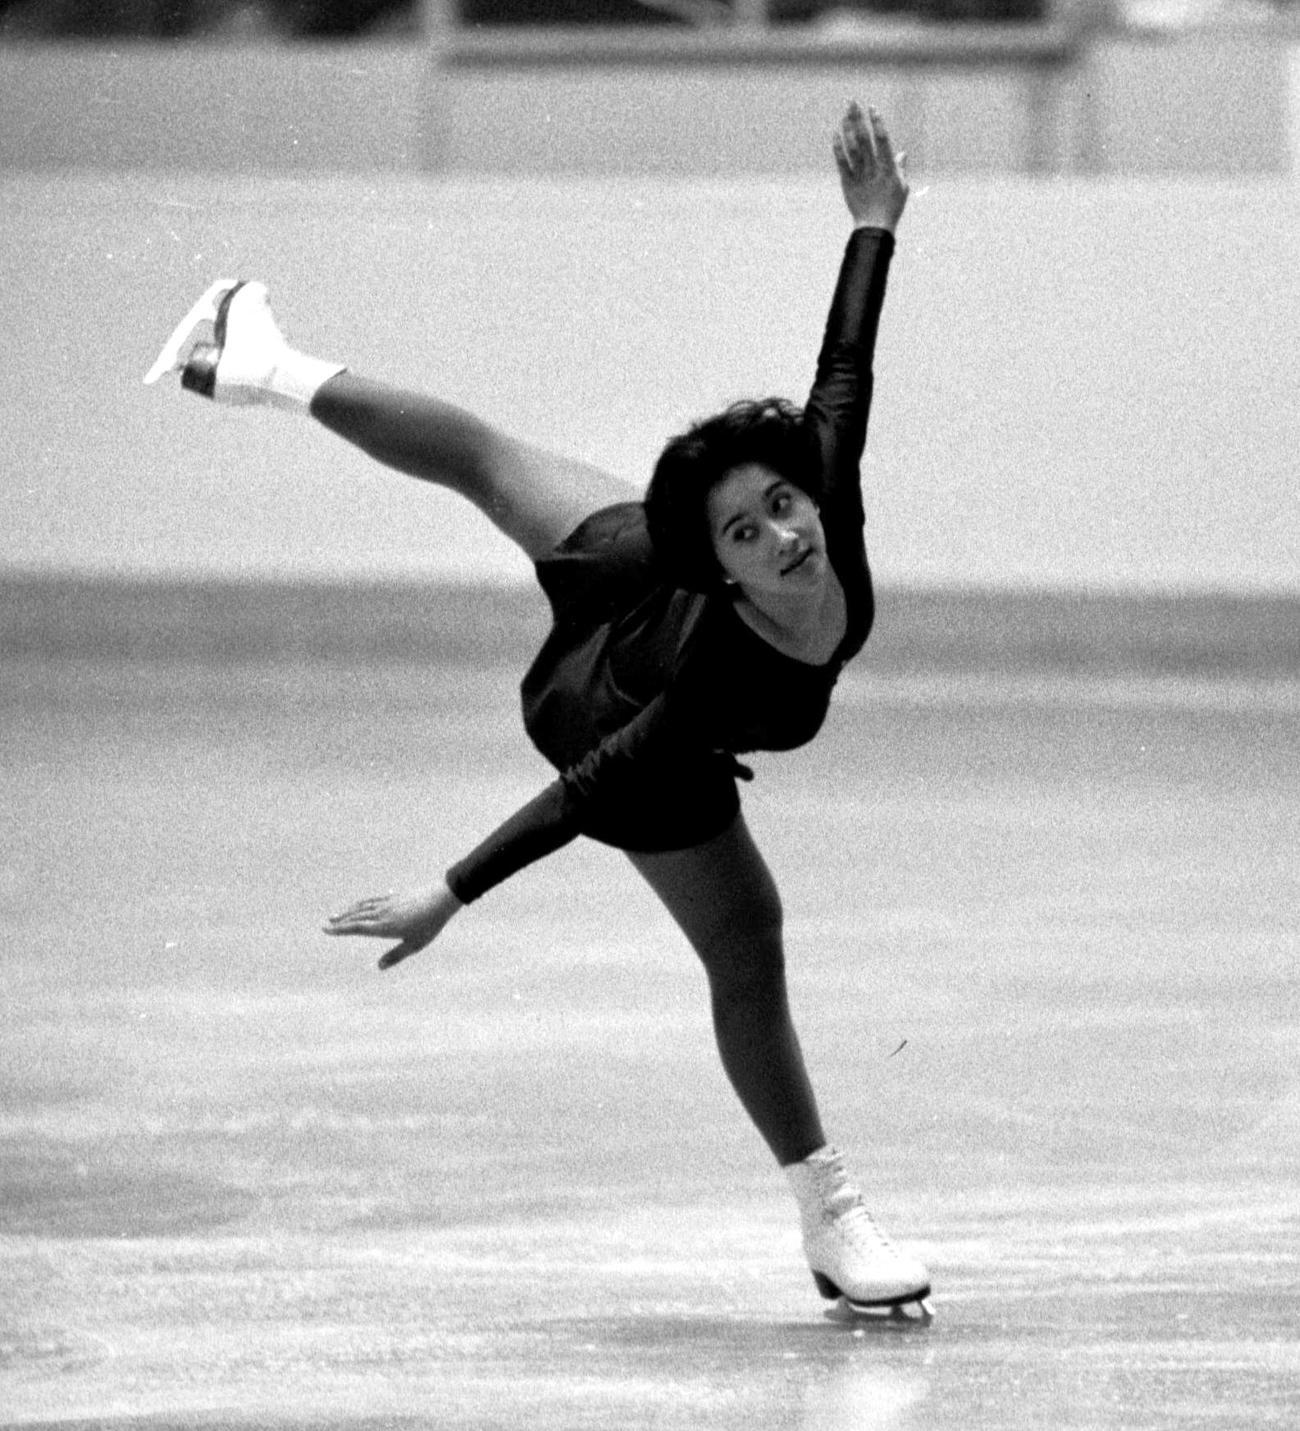 78年、日ソフィギュアスケート大会で華麗な演技を披露する渡部絵美